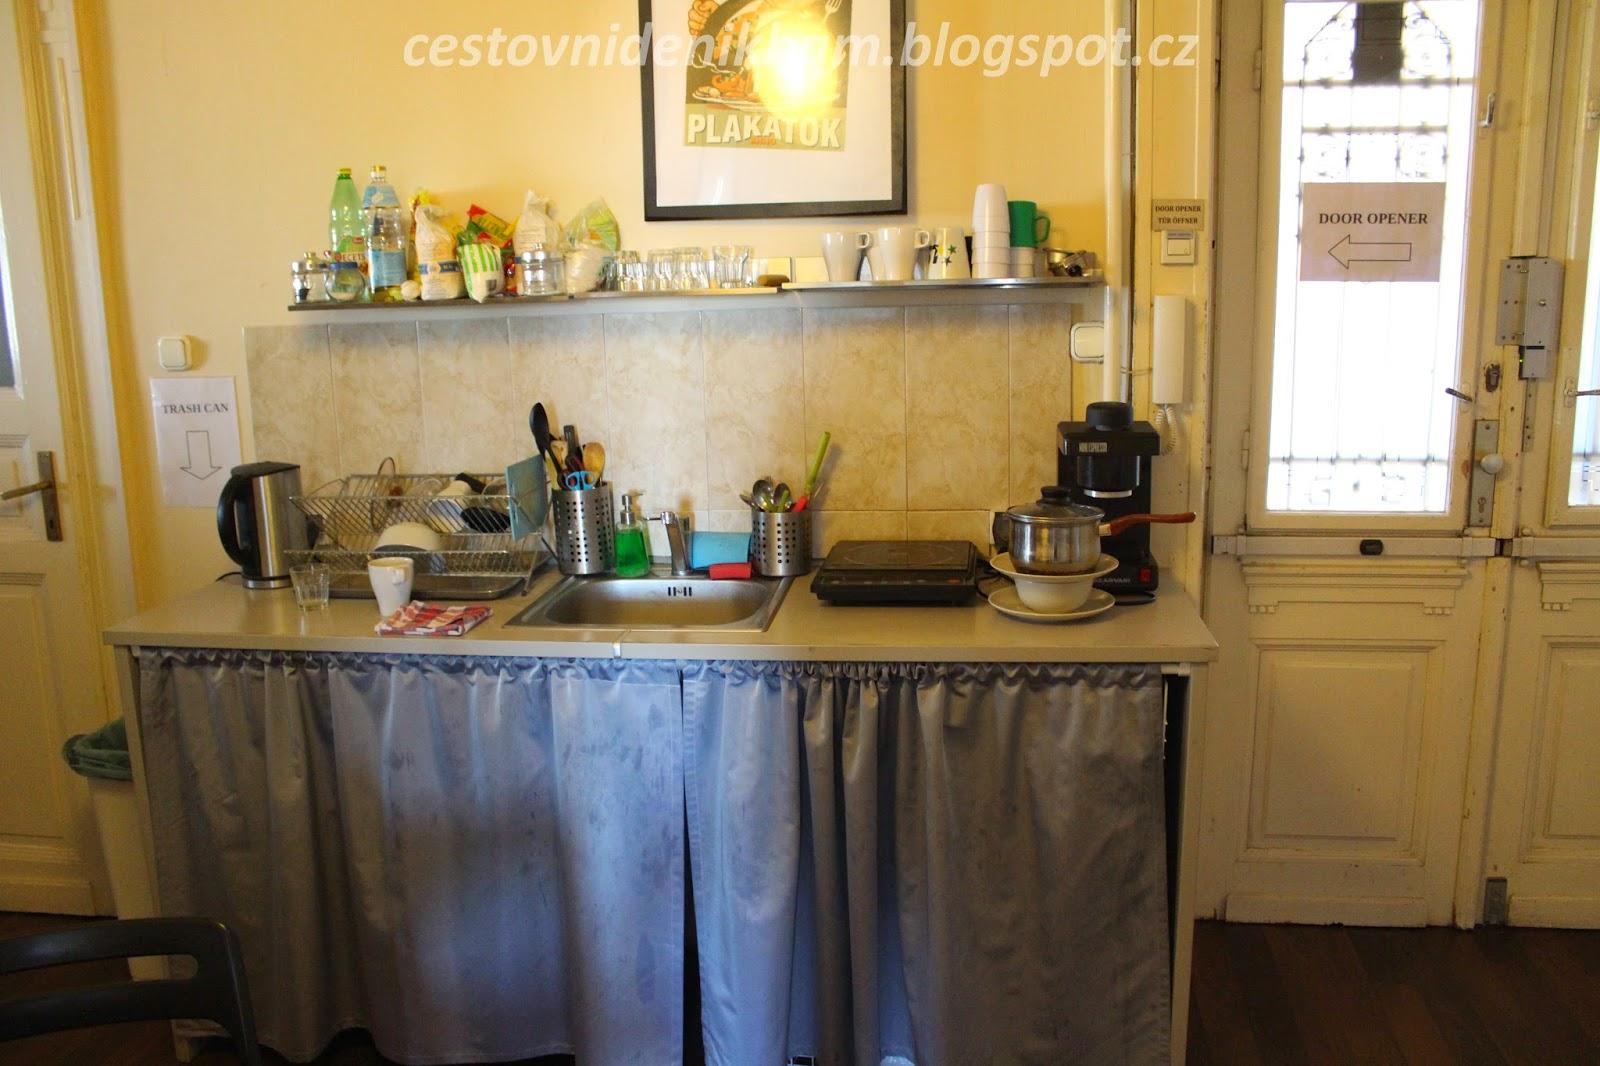 kuchyňka v hotelu // kitchen in hotel